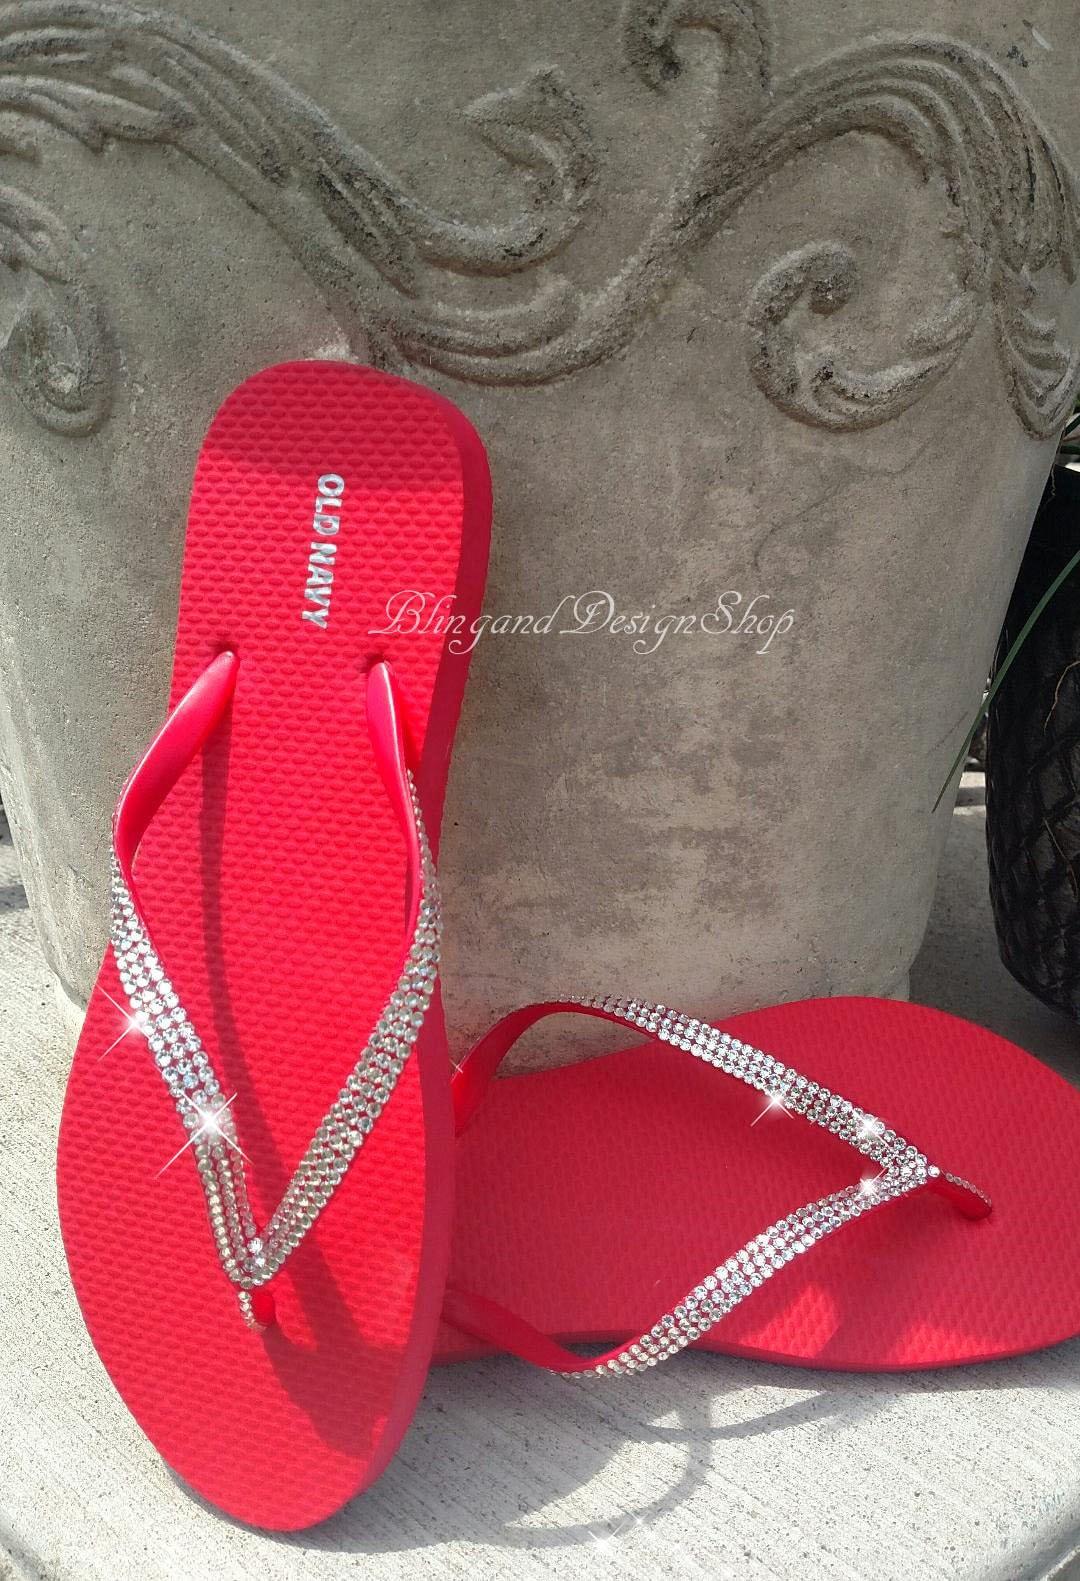 Swarovski Womens Sandals Flip Flops Customized with